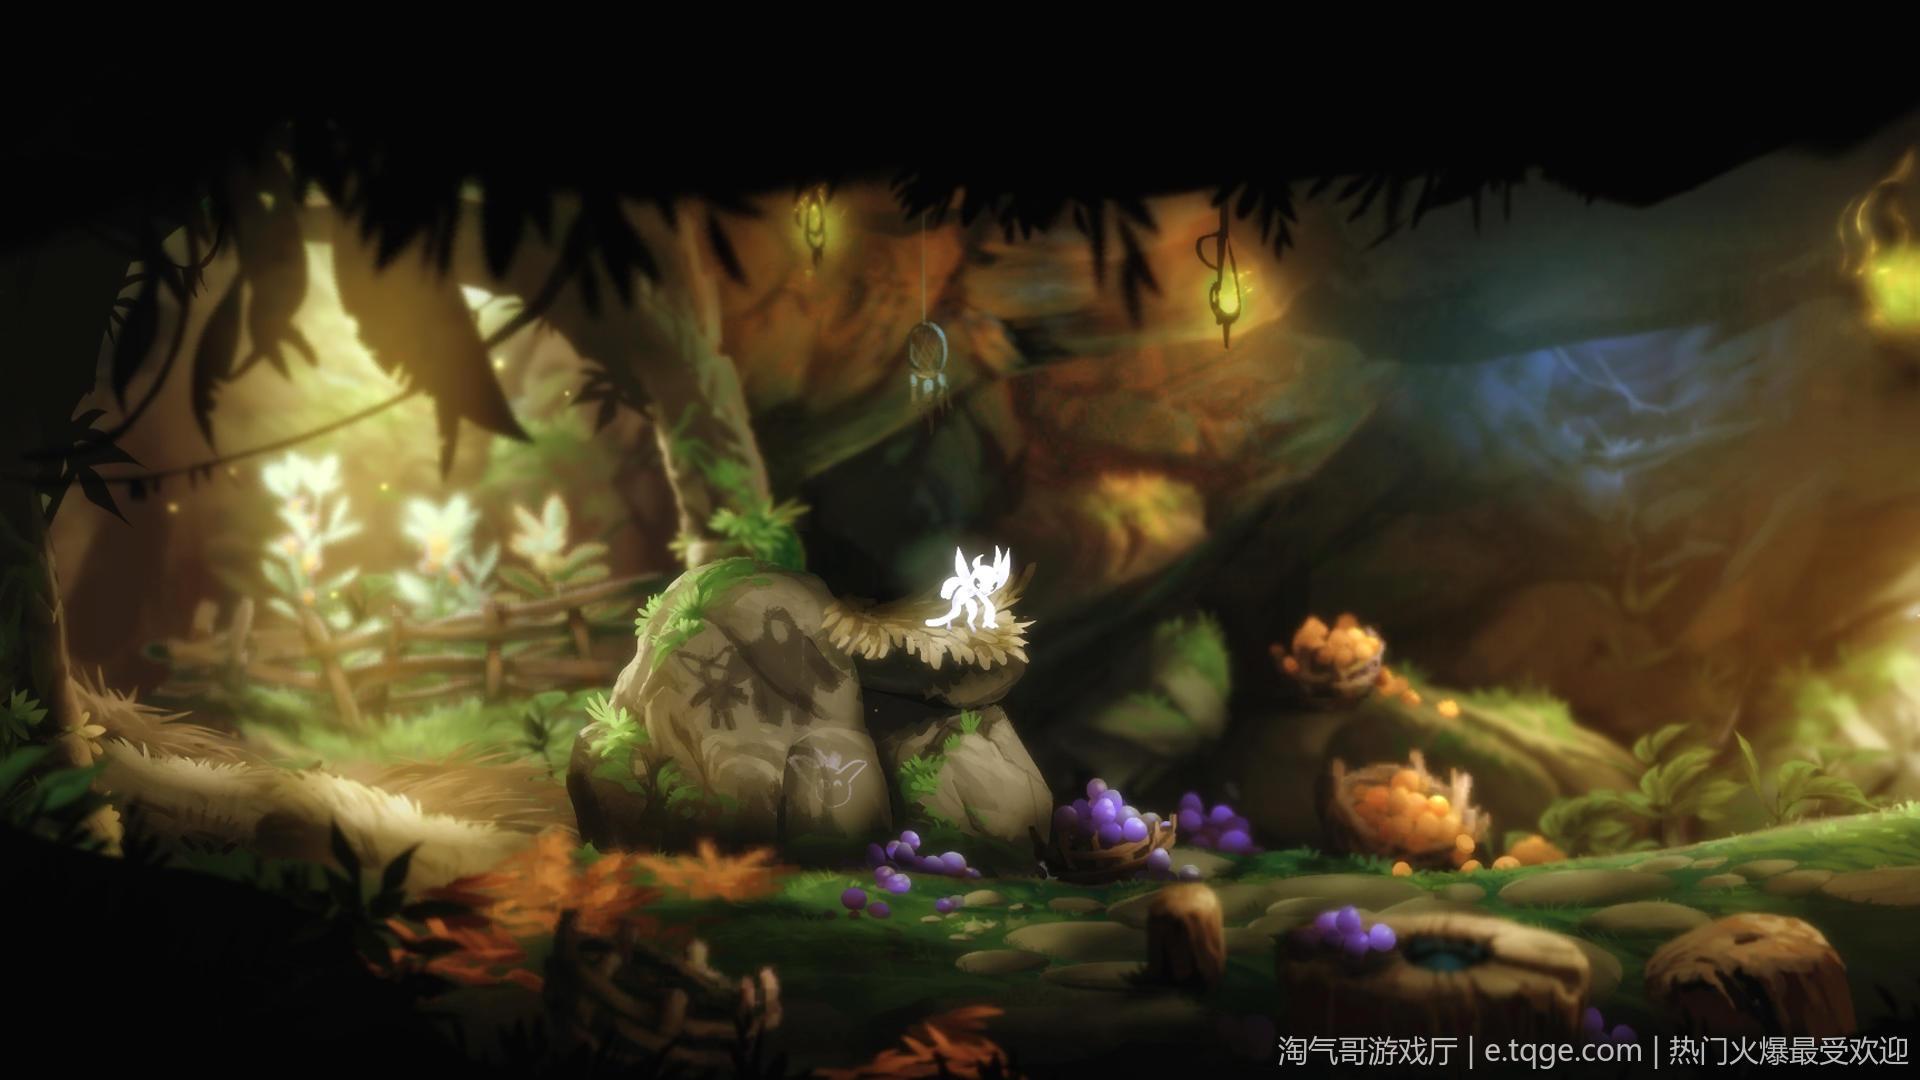 奥日与黑暗森林:终极版/精灵与黑暗森林 动作冒险 第13张